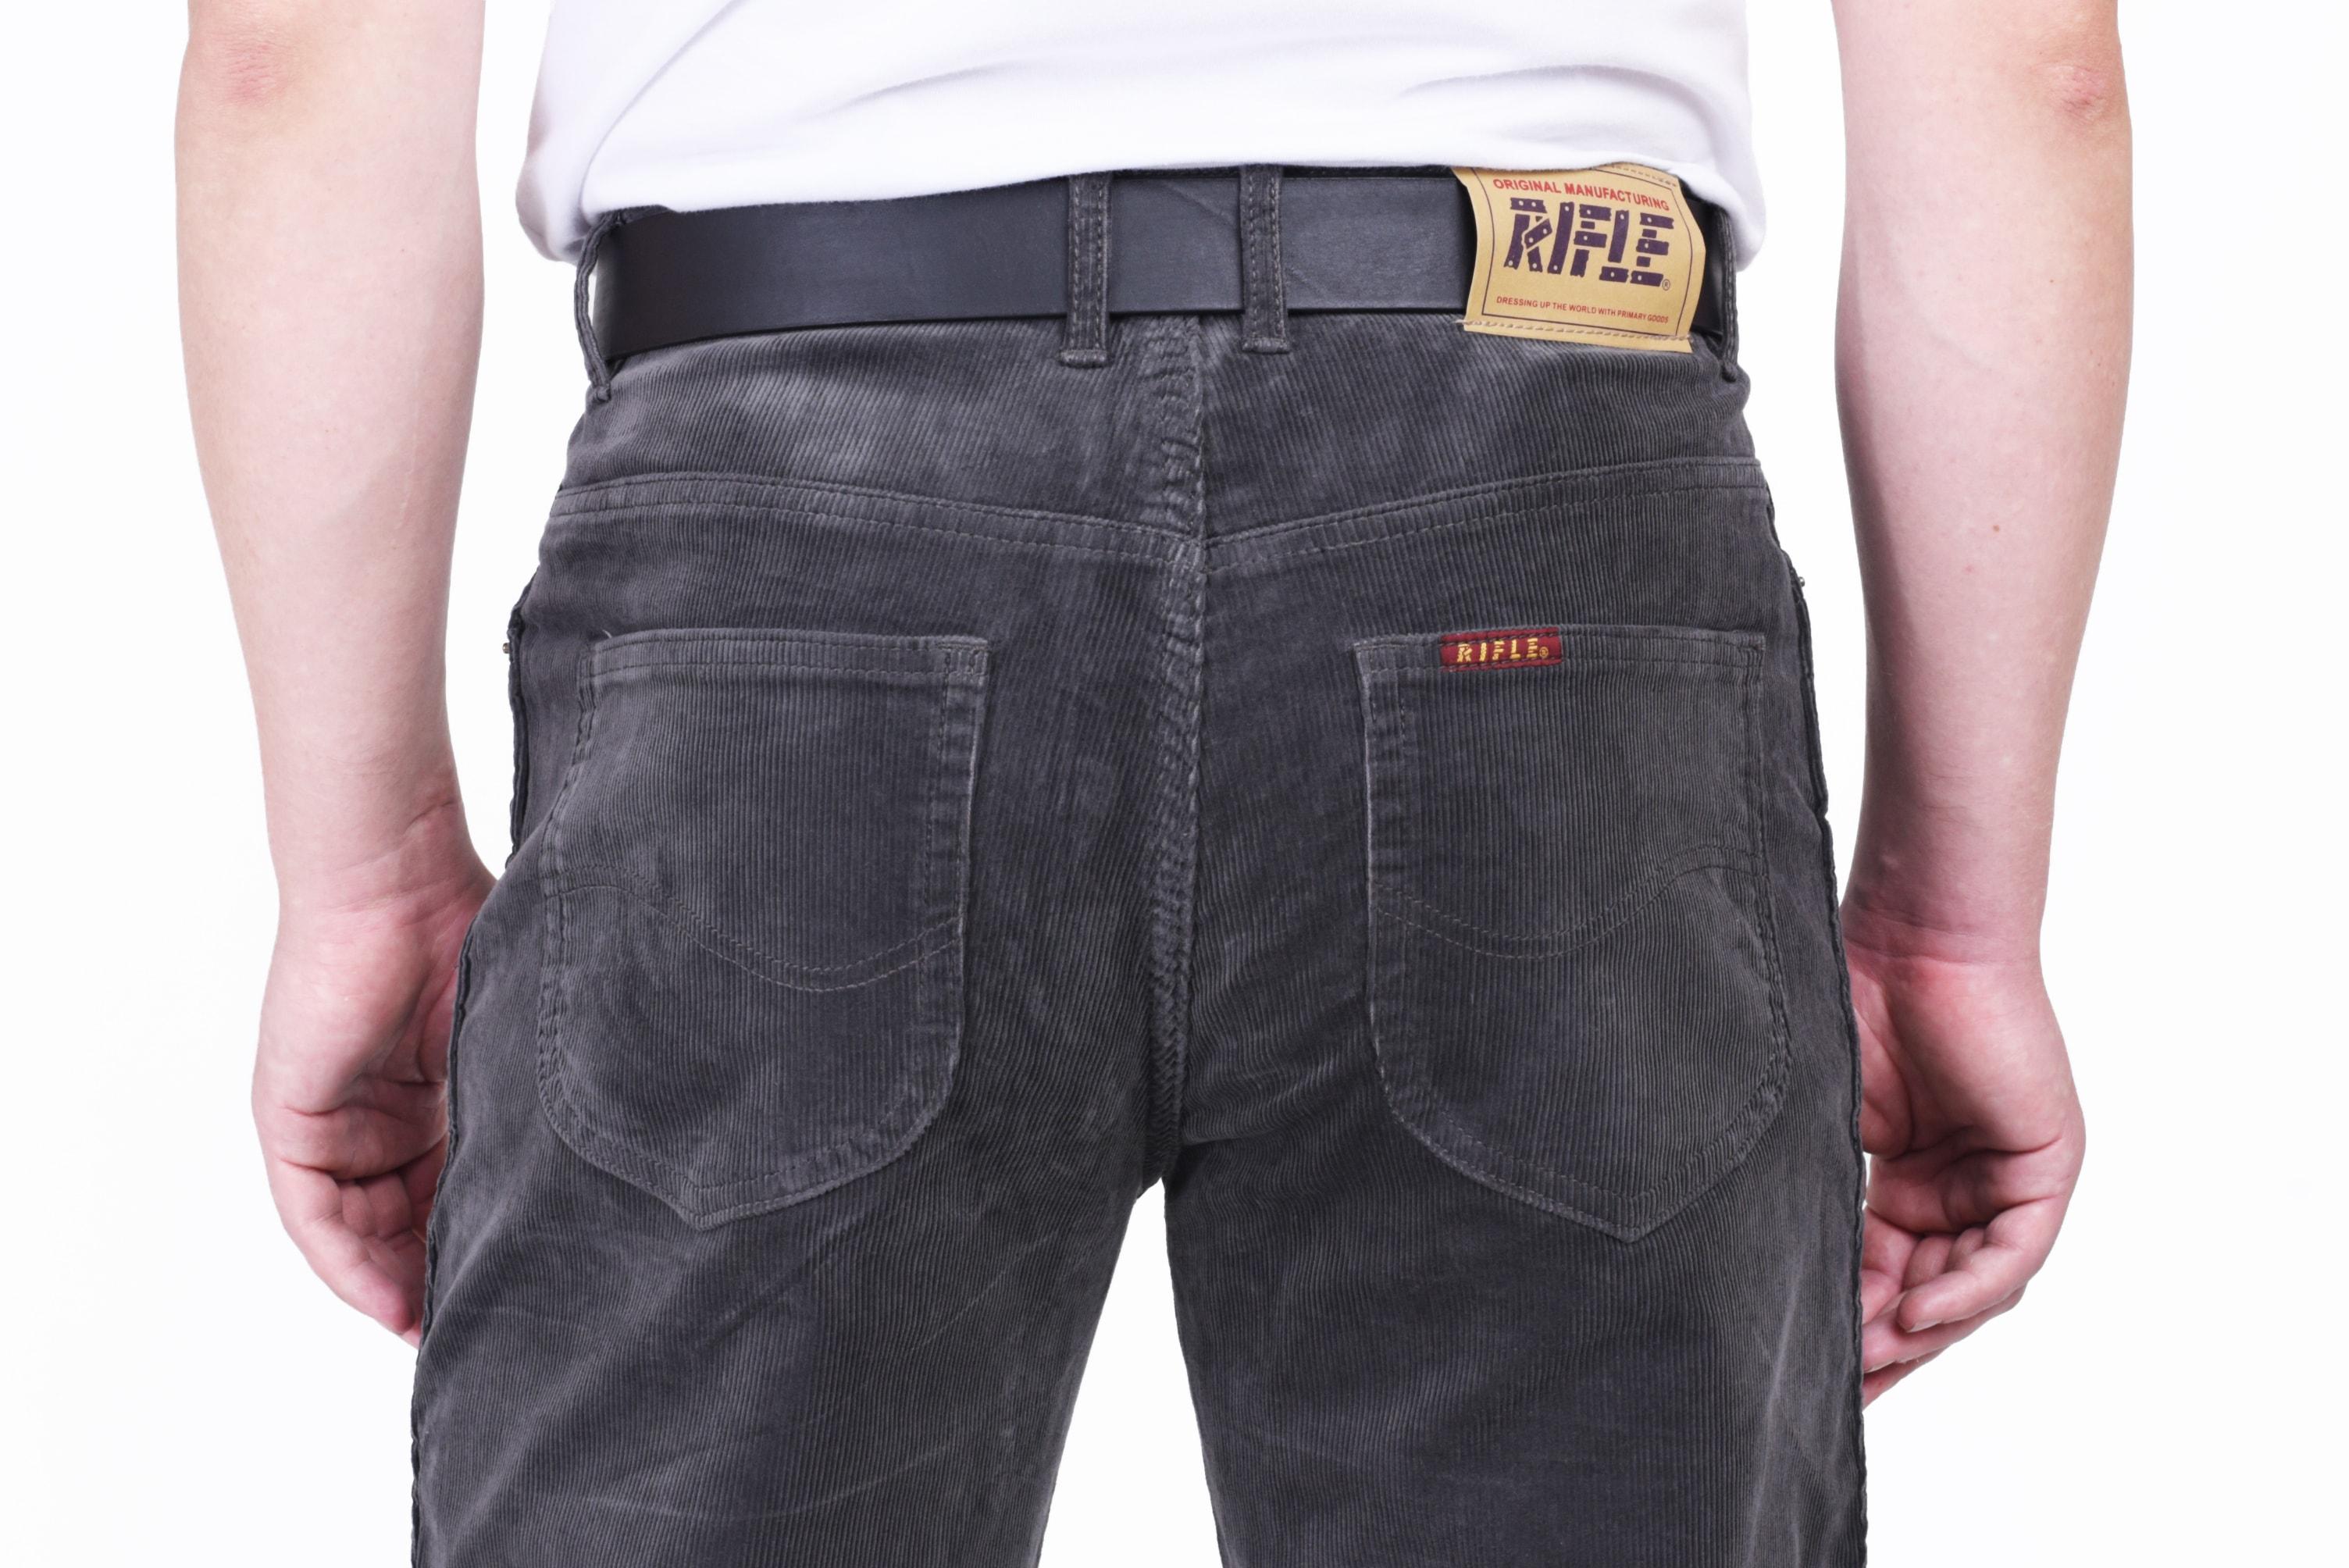 джинсы rifle вельвет gry Rifle джинсы классические RL-842L Gry 830aaf6c7d9a9